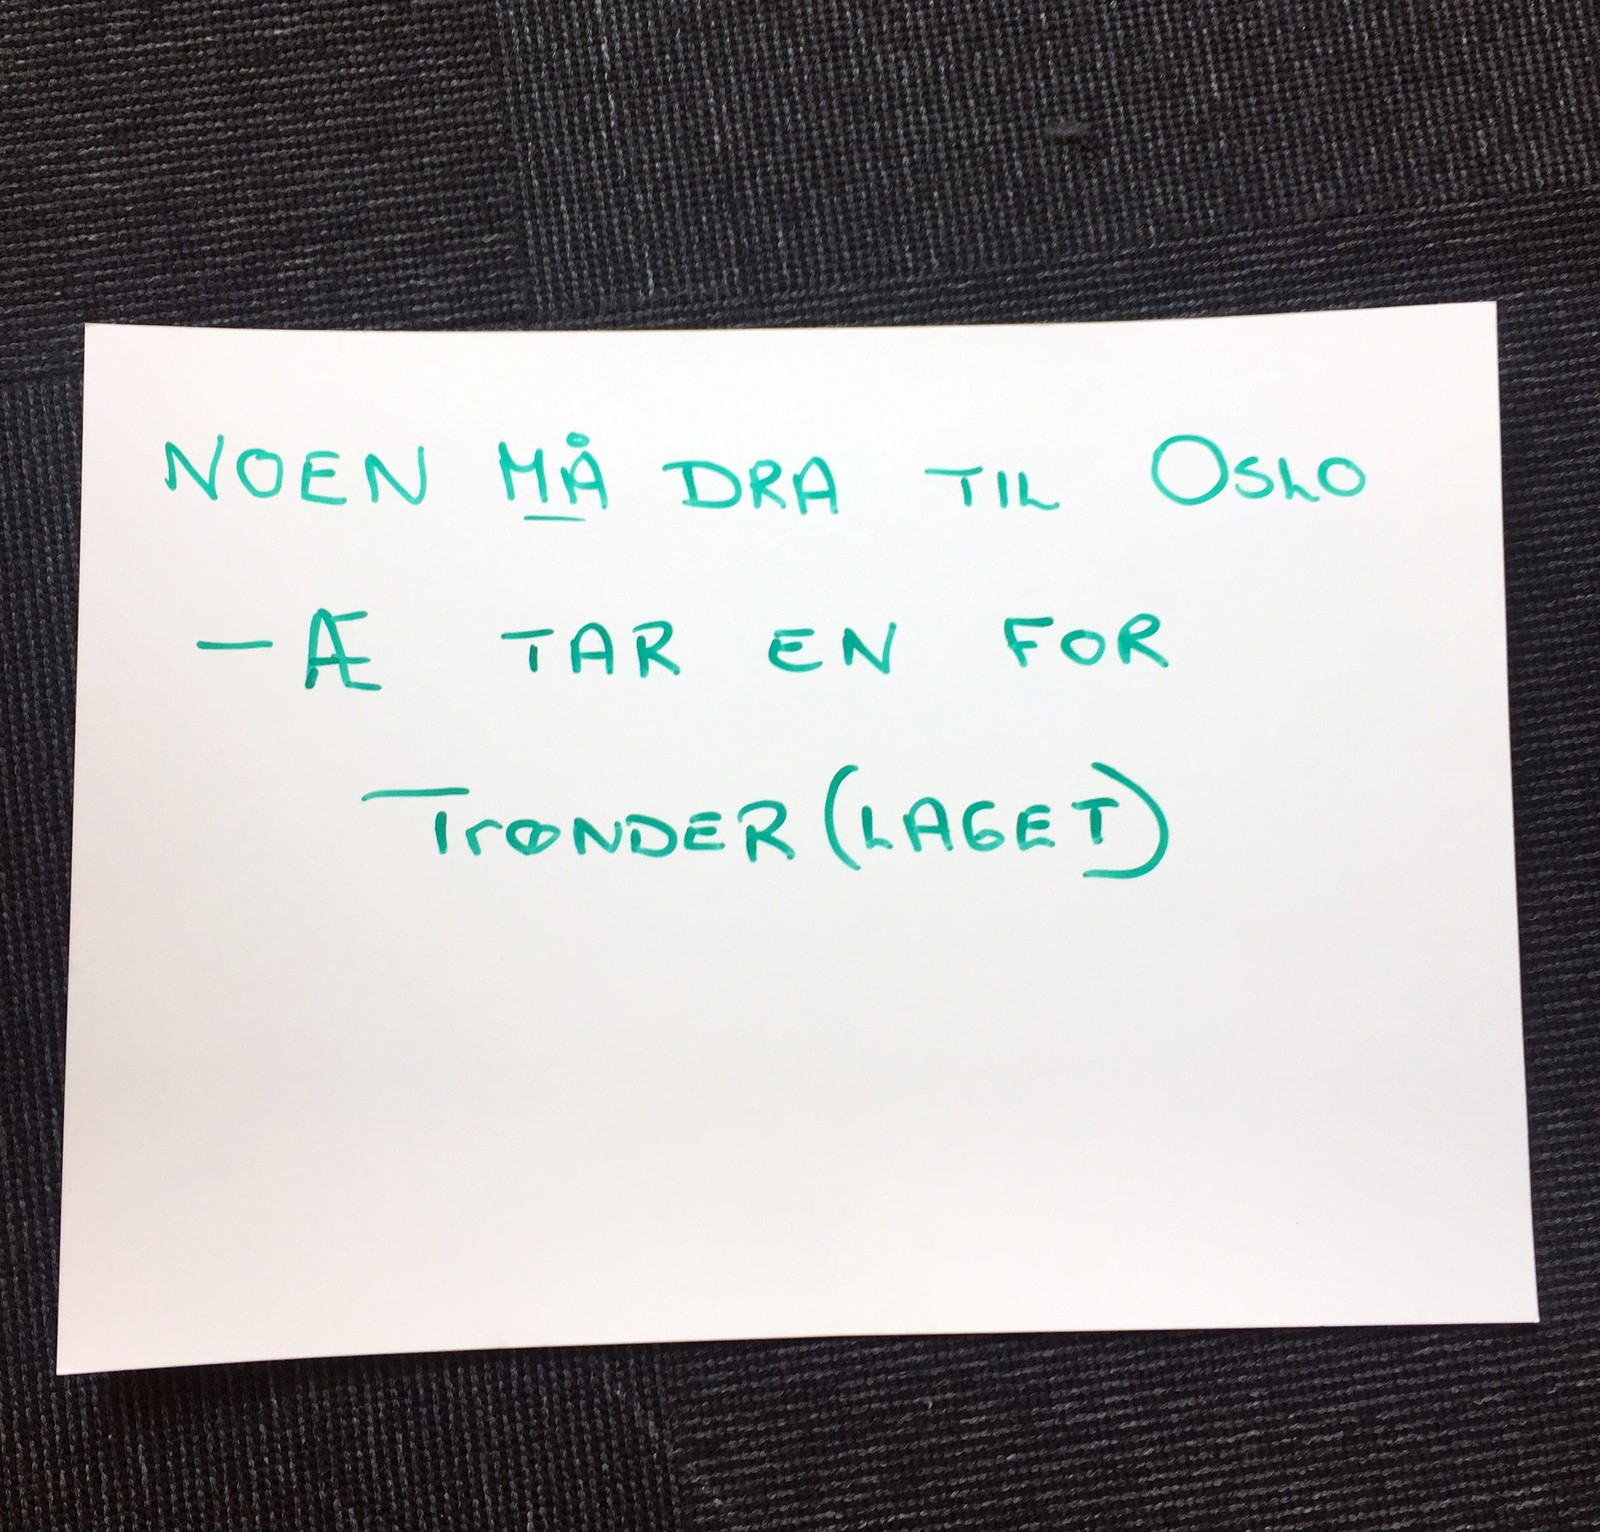 MARIT ARNSTAD (Sp): «Noen må dra til Oslo - æ tar en for Trønder(laget)».